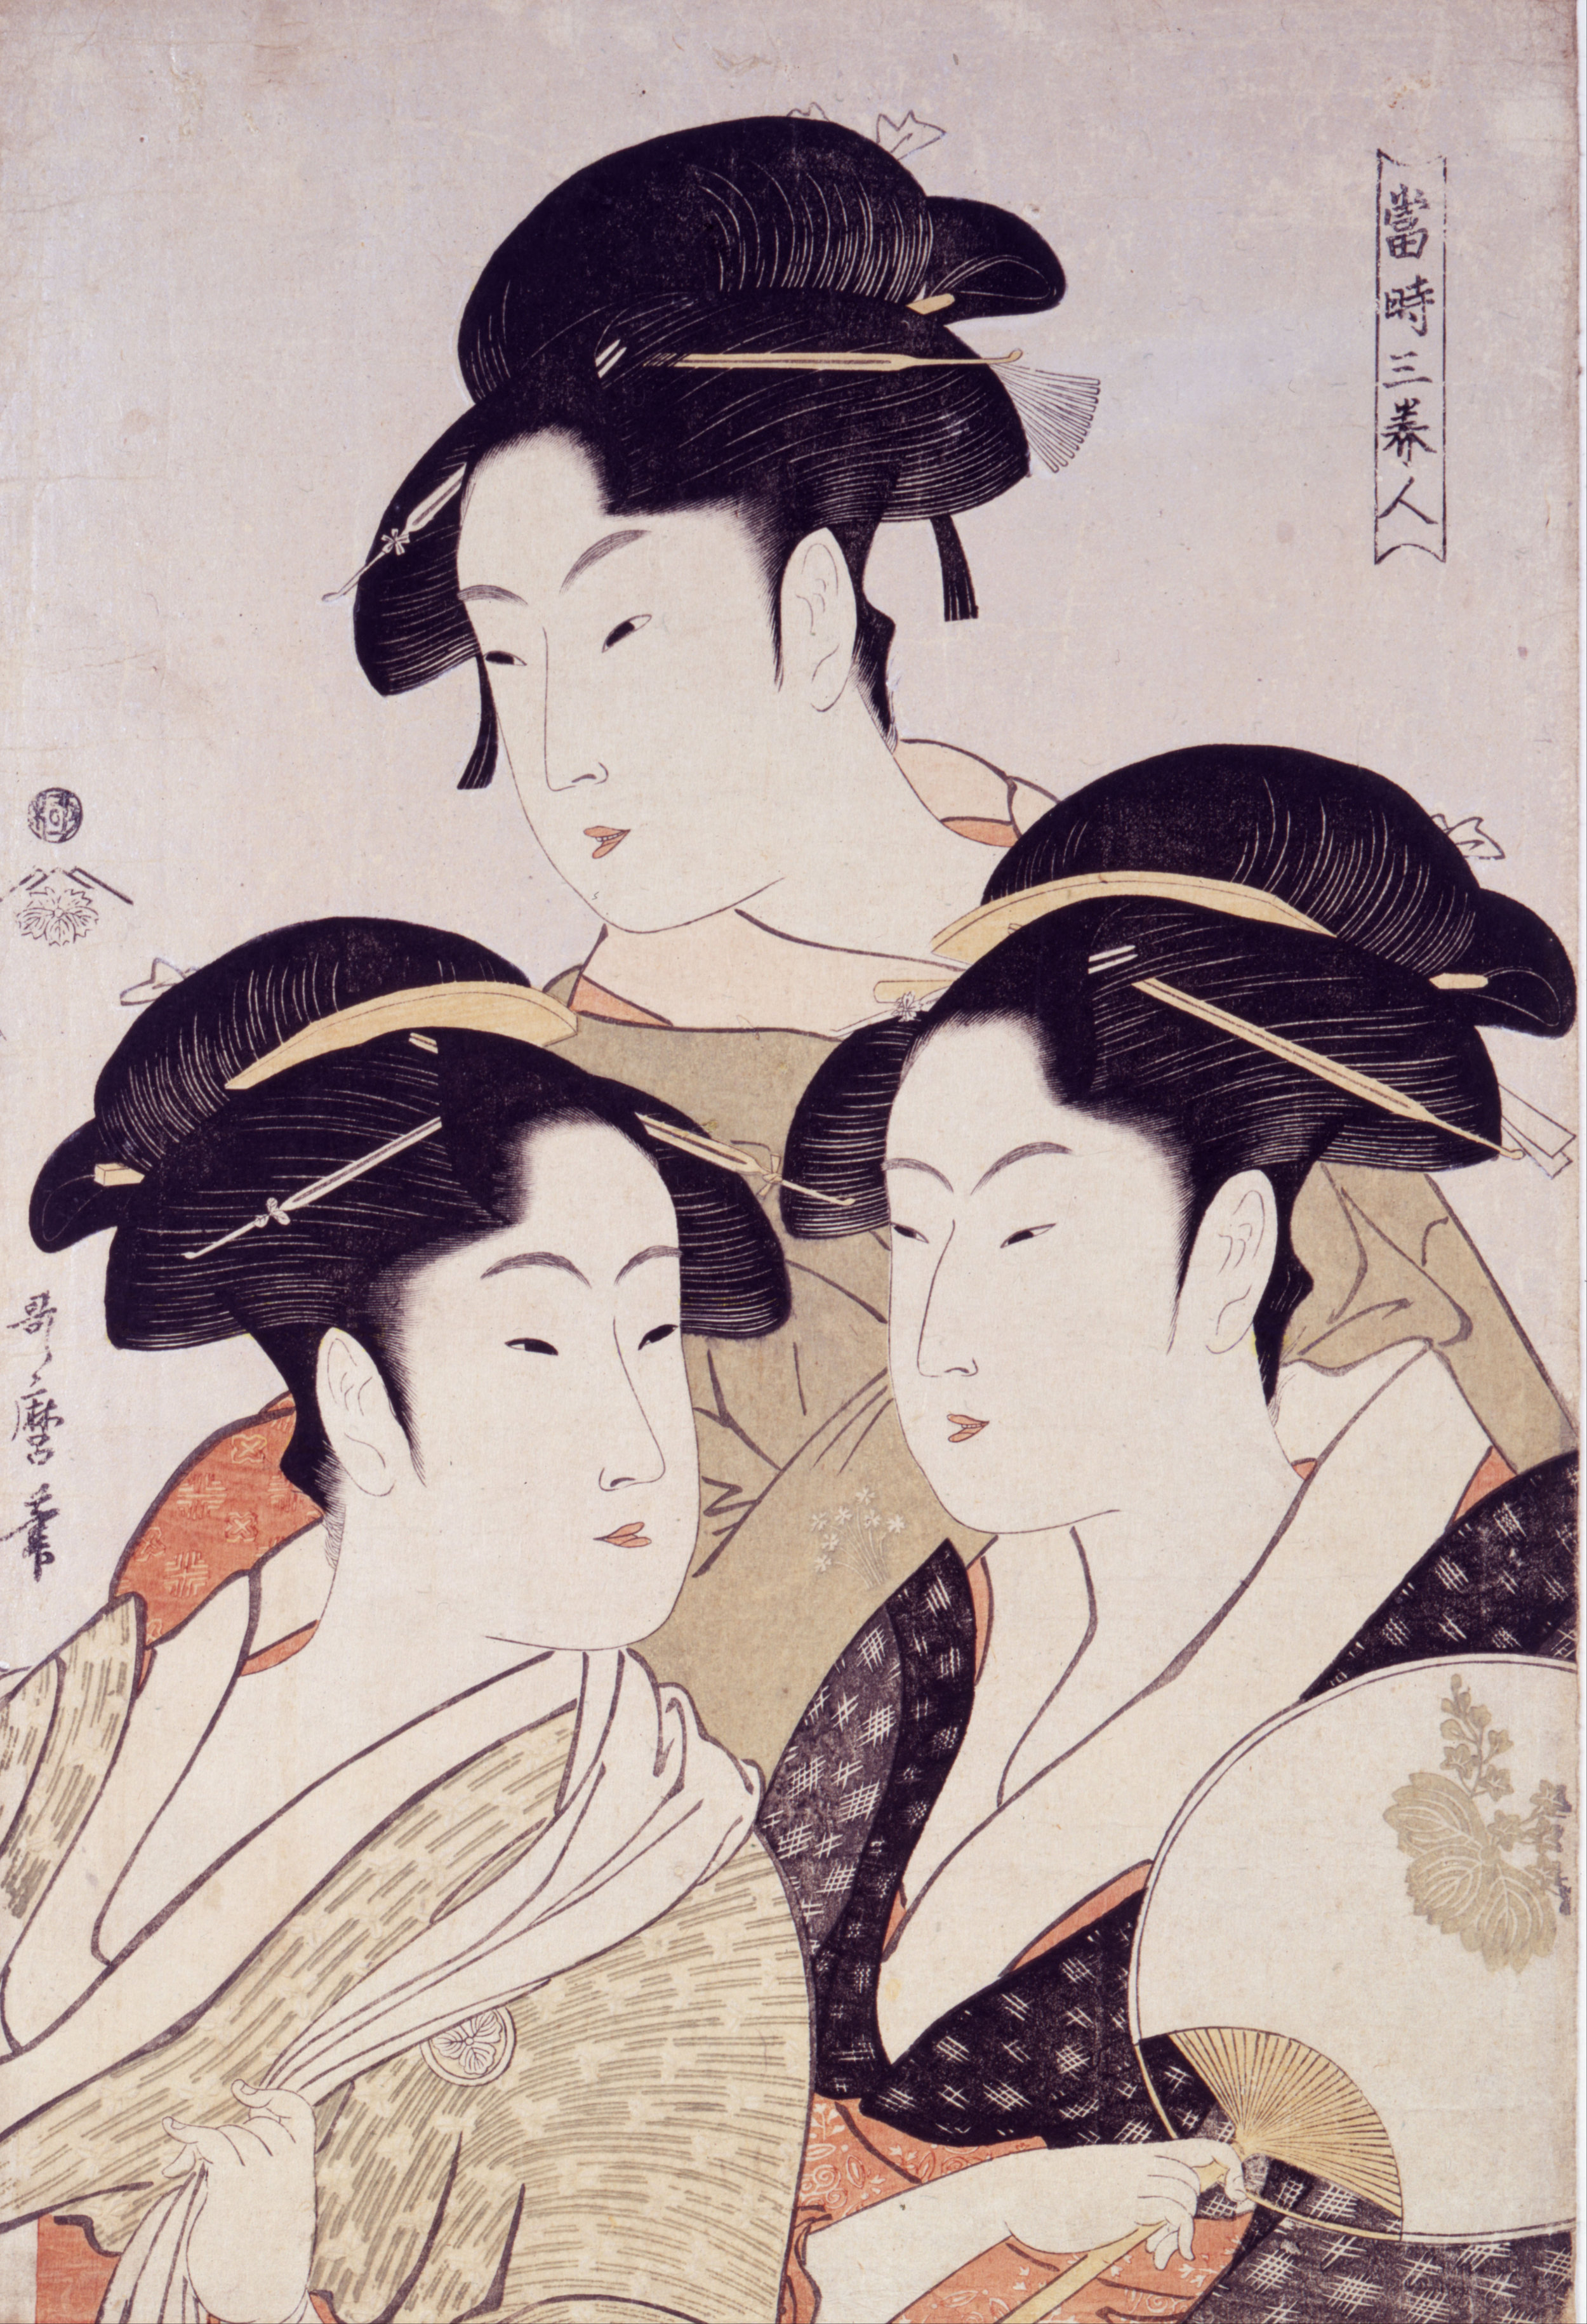 Musique - Meitei et l'art musical de l'ambient kintsugi -